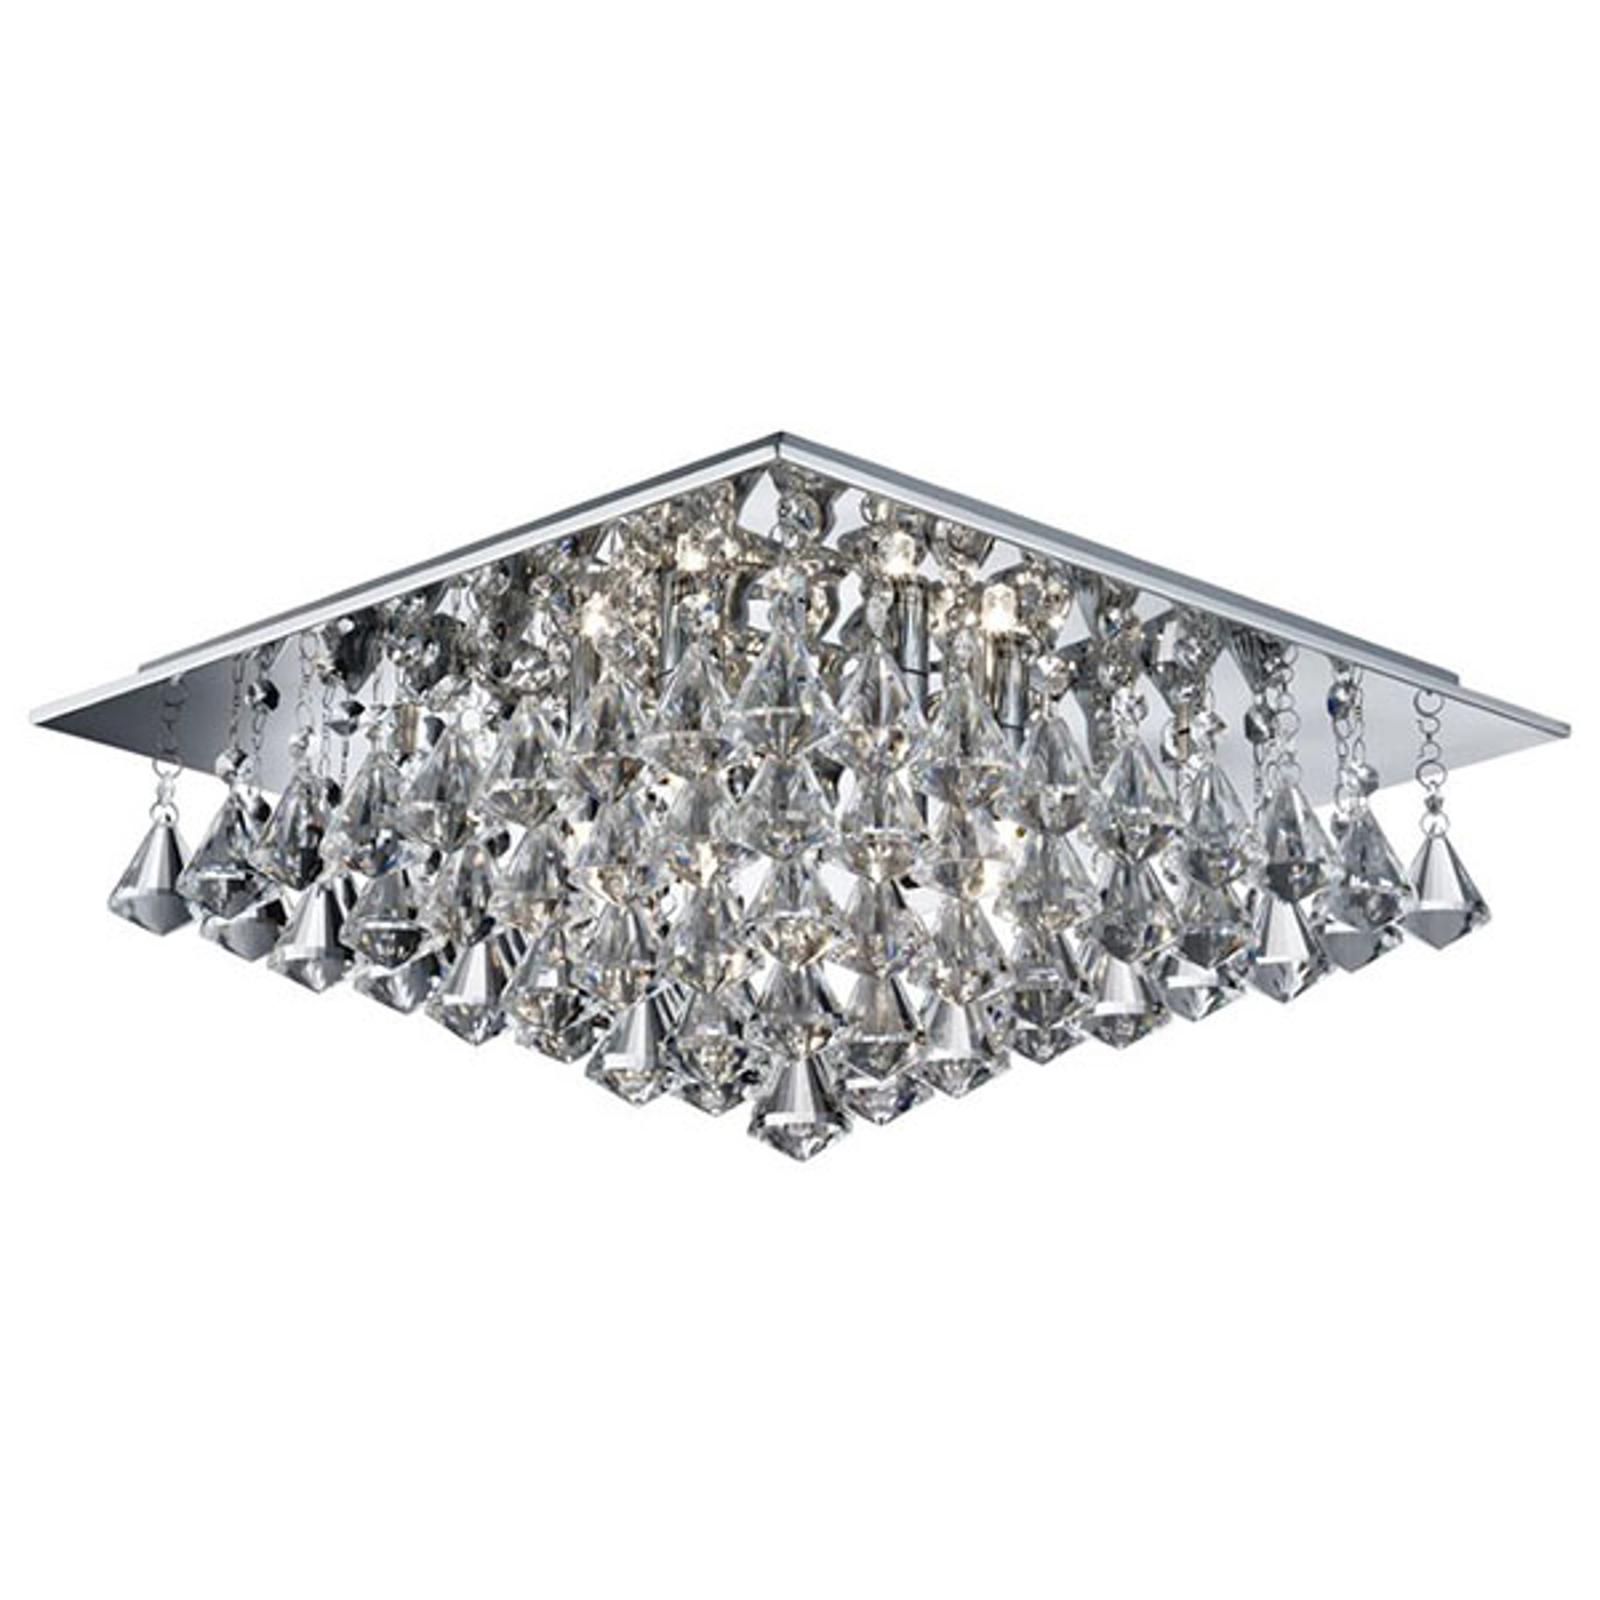 Taklampa Hanna med kristallprisman, 44 x 44 cm